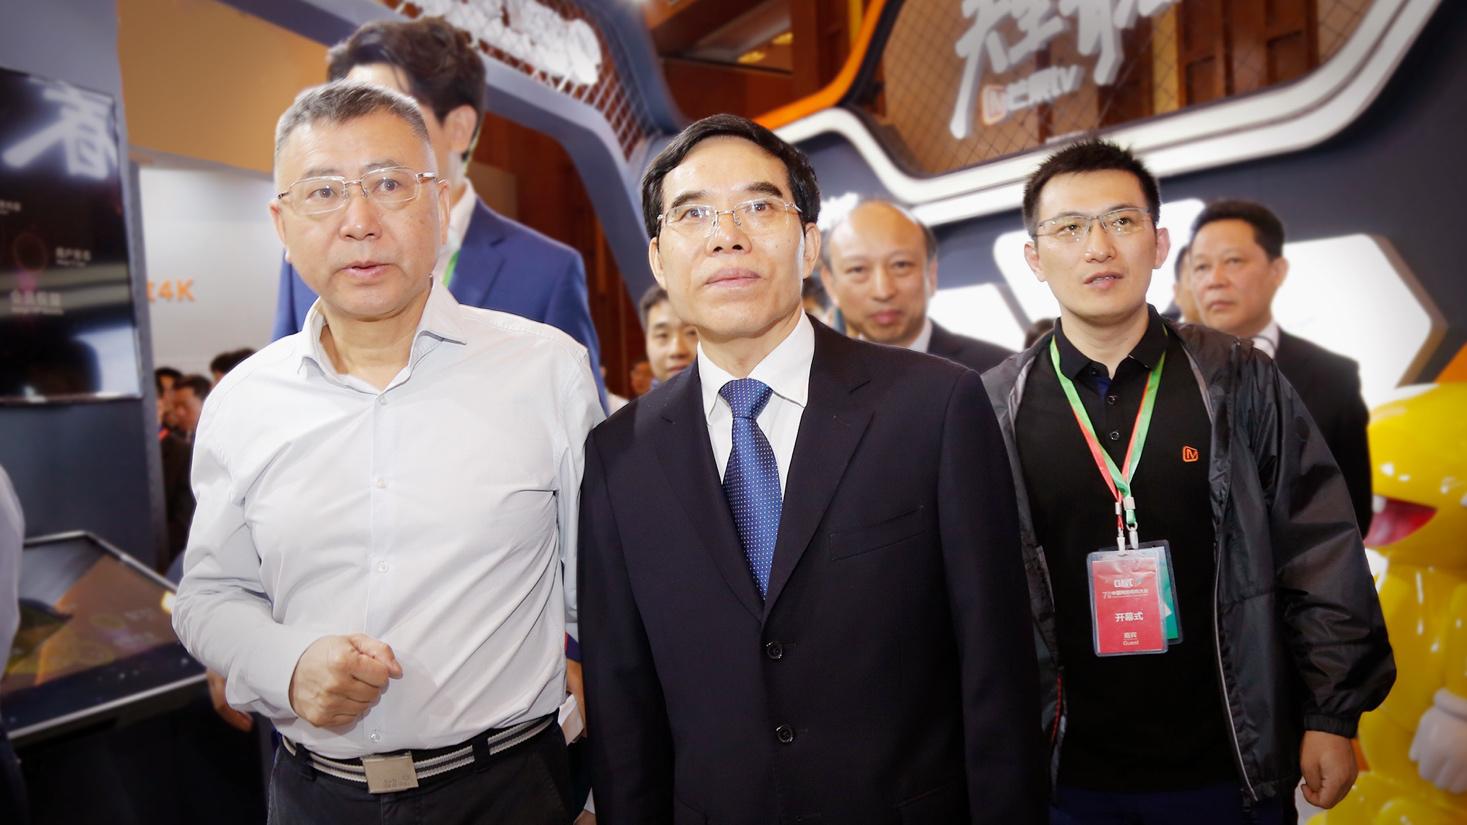 聂辰席视察芒果TV展区,湖南广电媒体融合创新成绩再获肯定